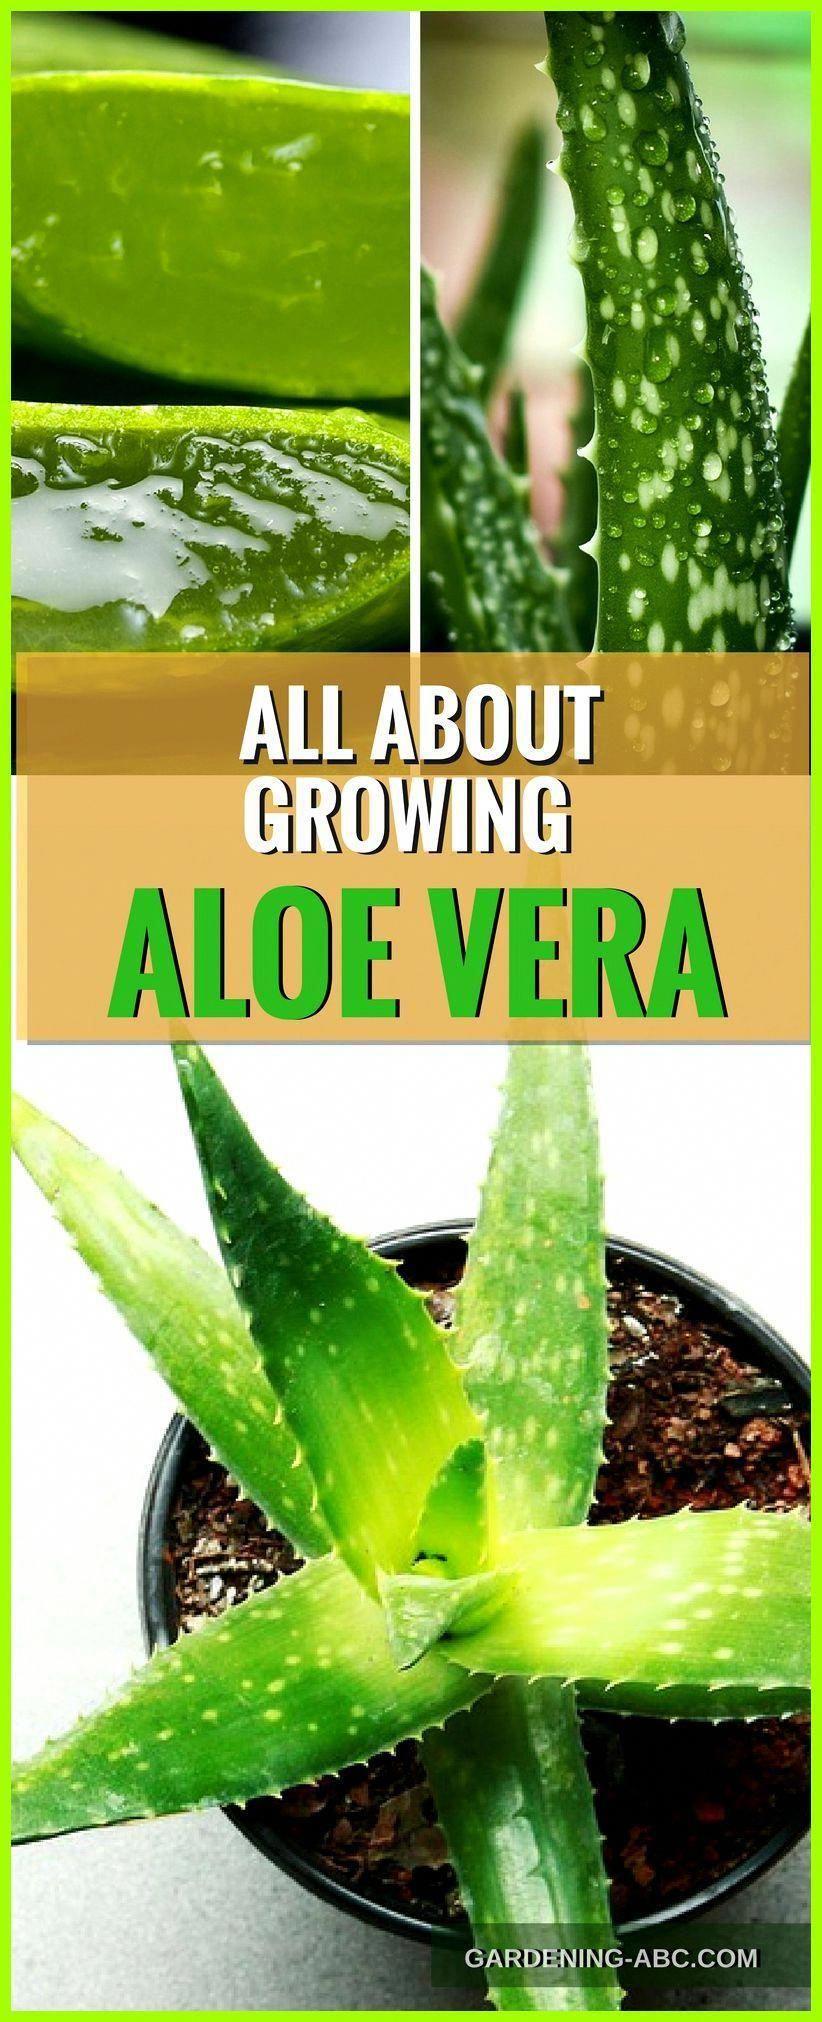 Indoor Gardening Tips You Will Love Growing aloe vera